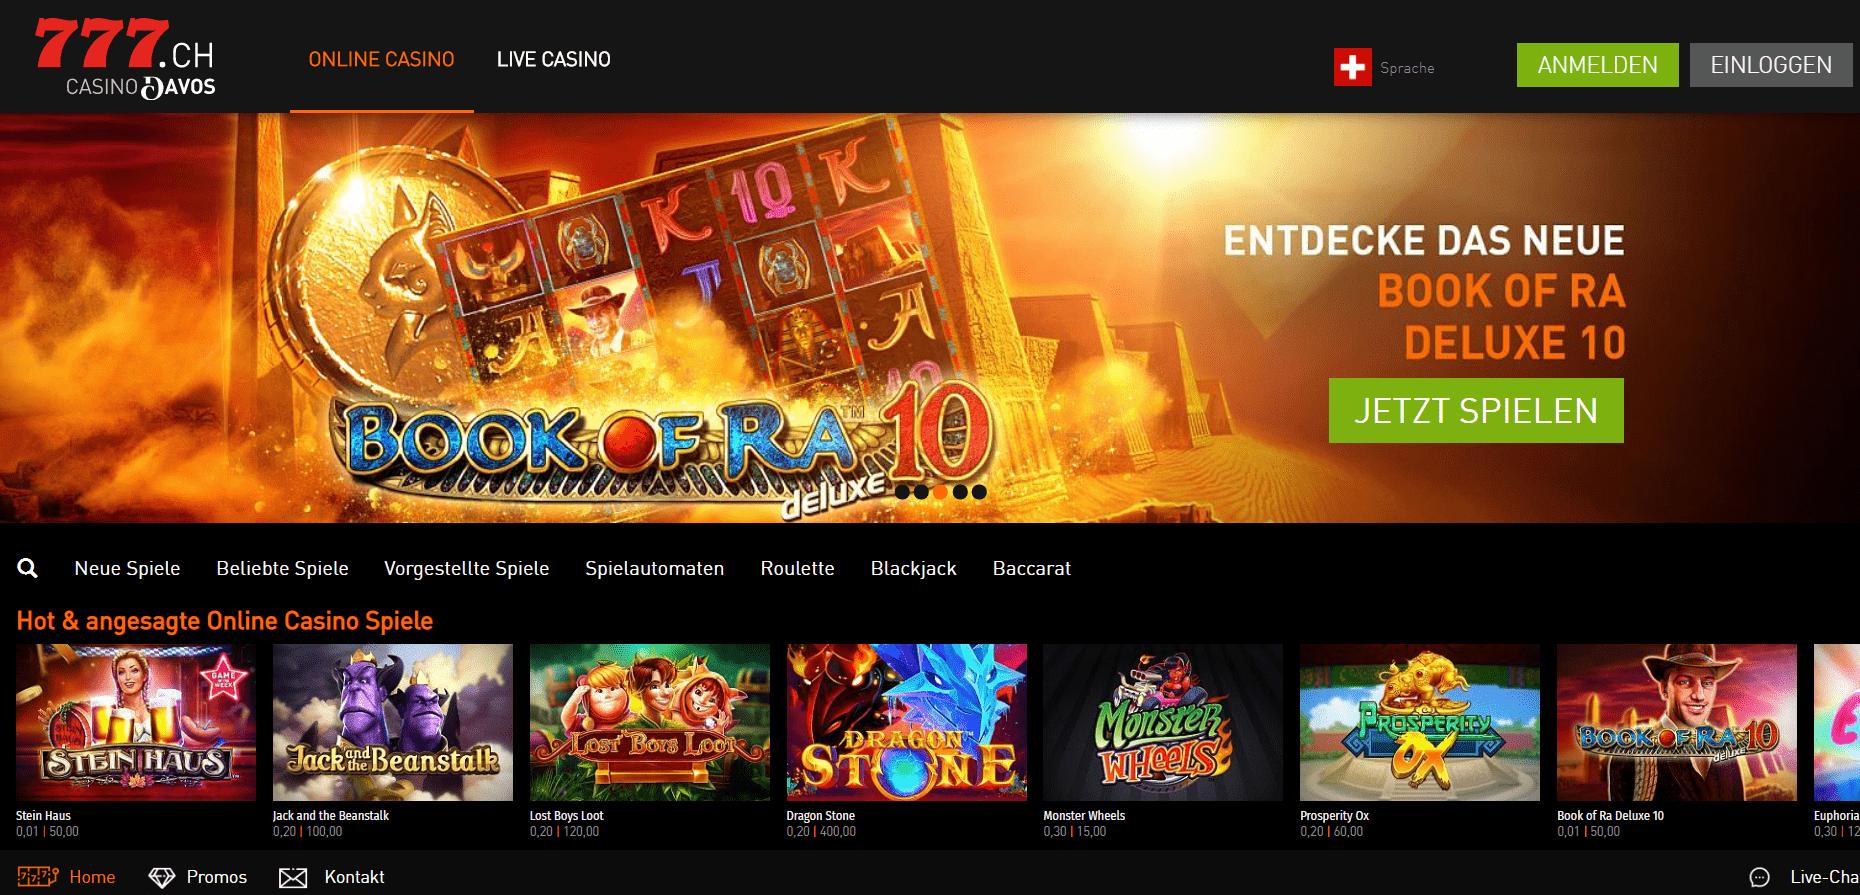 casino777 ch